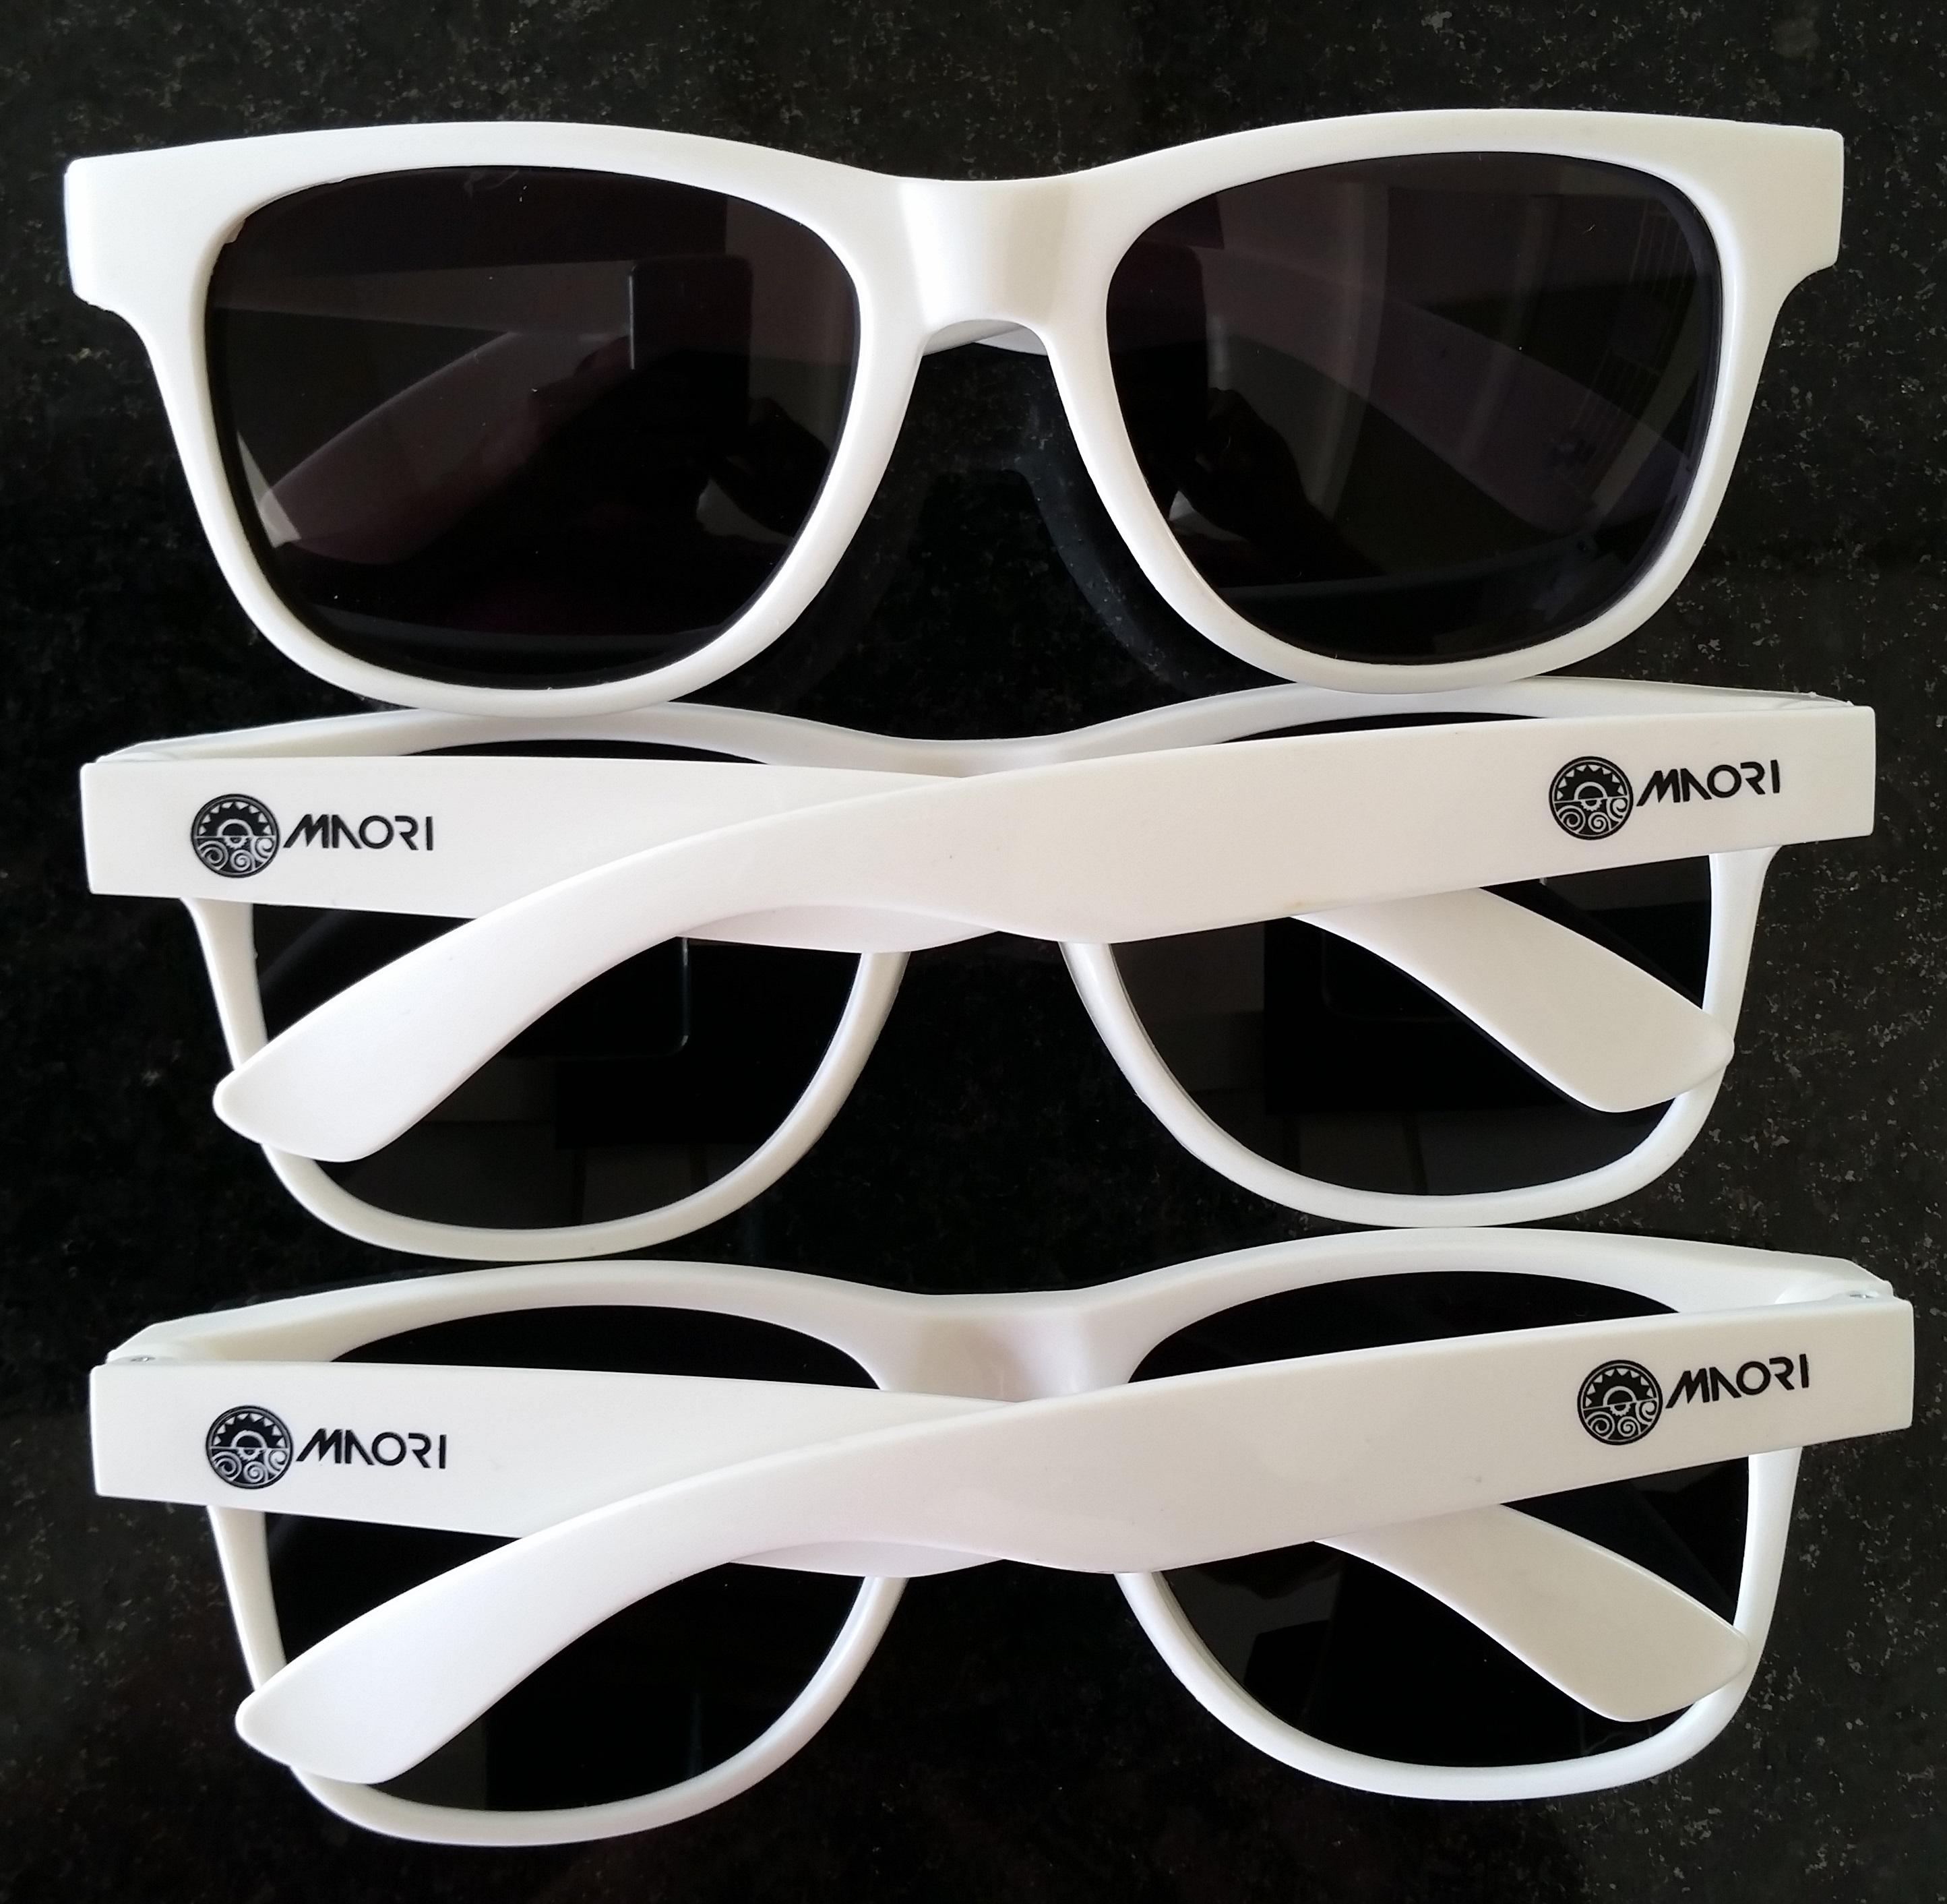 15 Oculos Personalizado para Festa   Elo7 59ebe51951